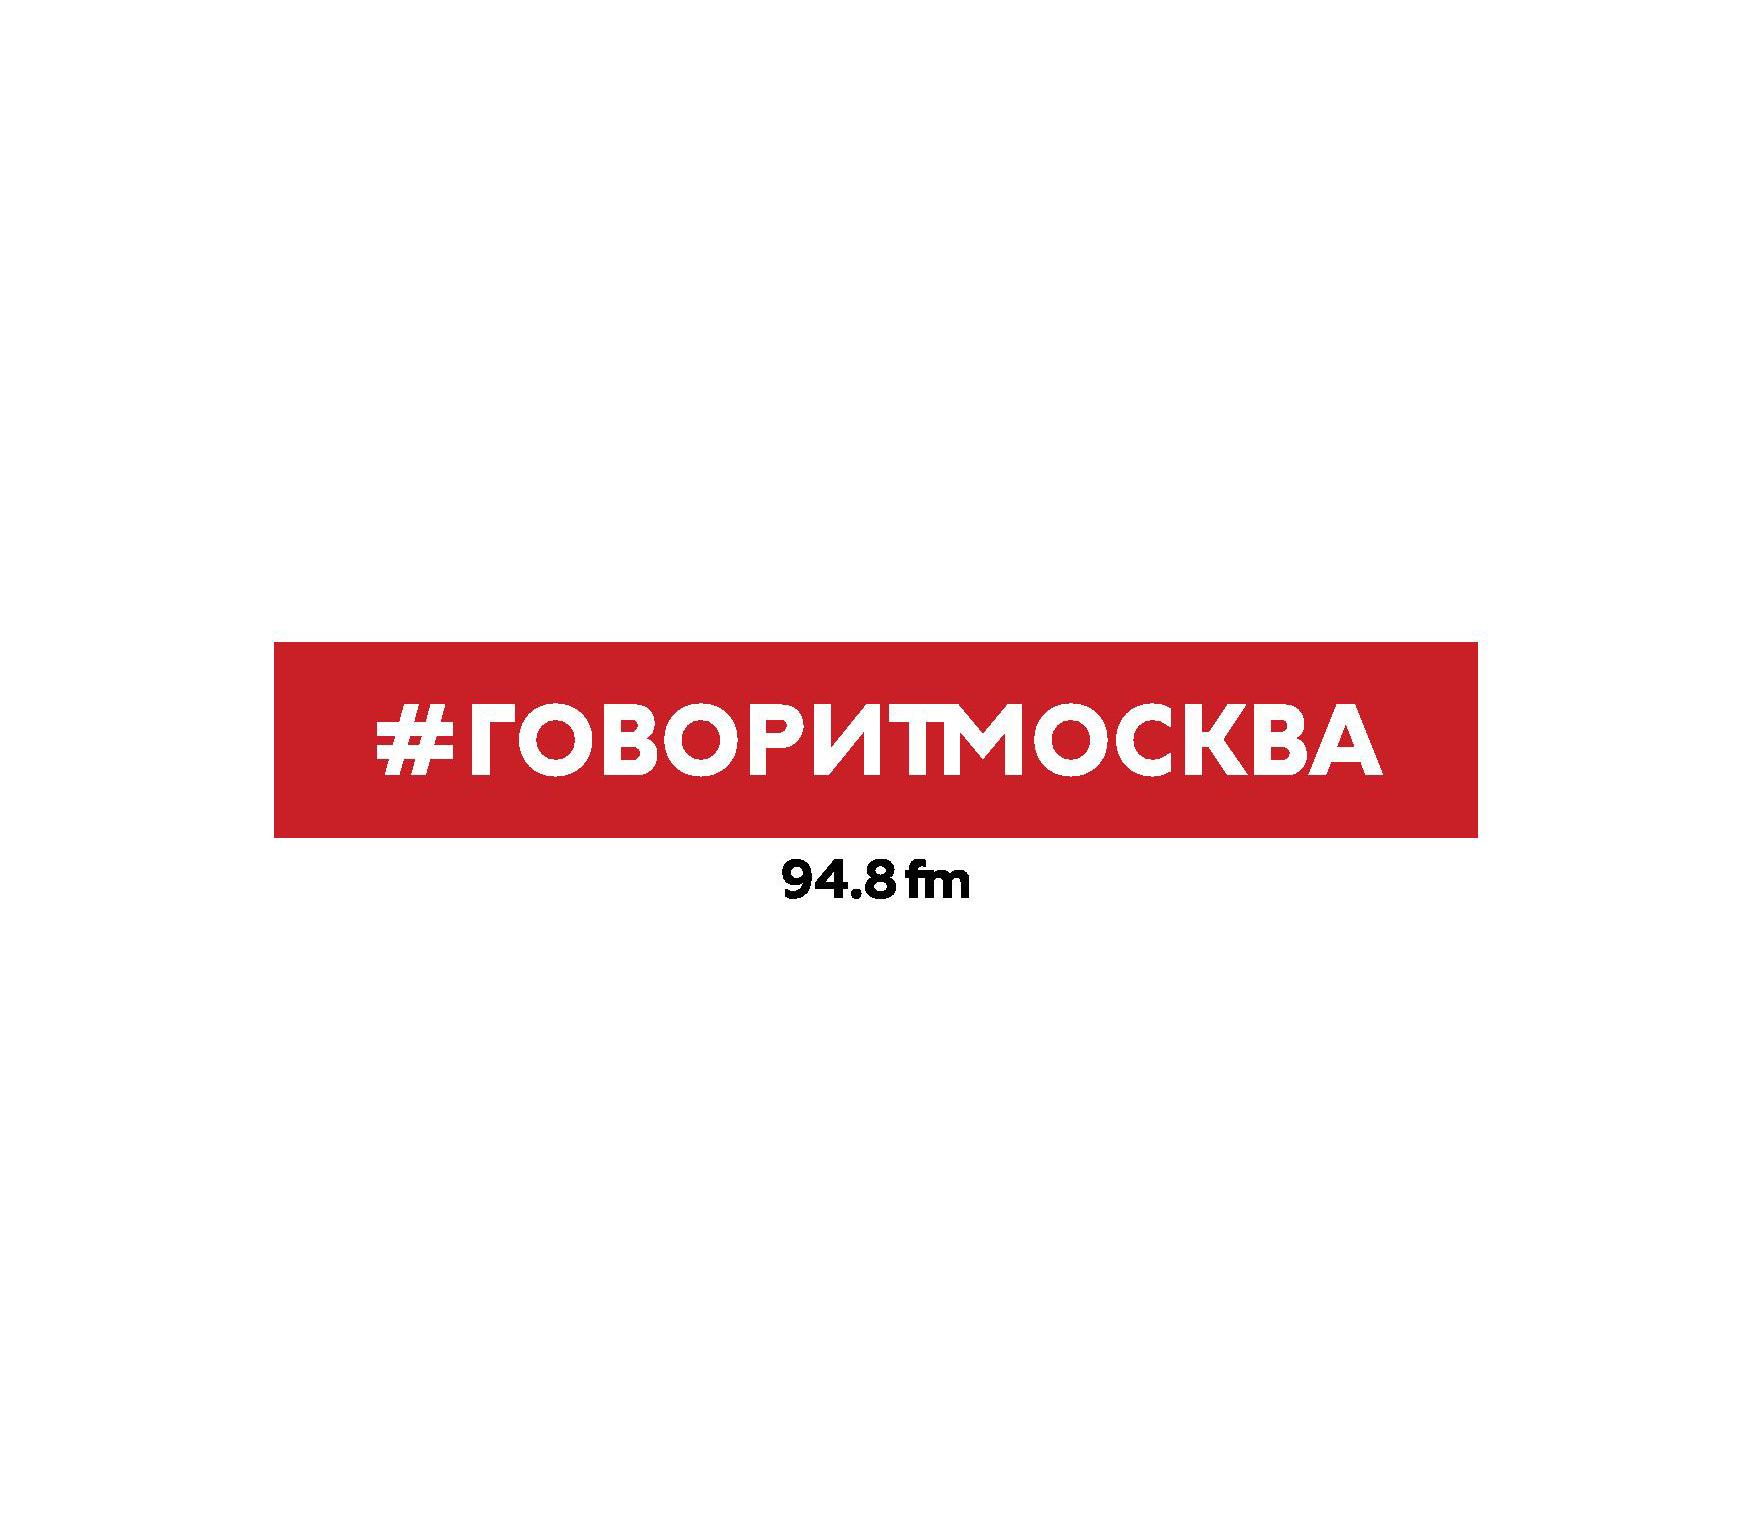 Макс Челноков 20 марта. Алла Пугачева макс челноков 4 марта ульрих хайден